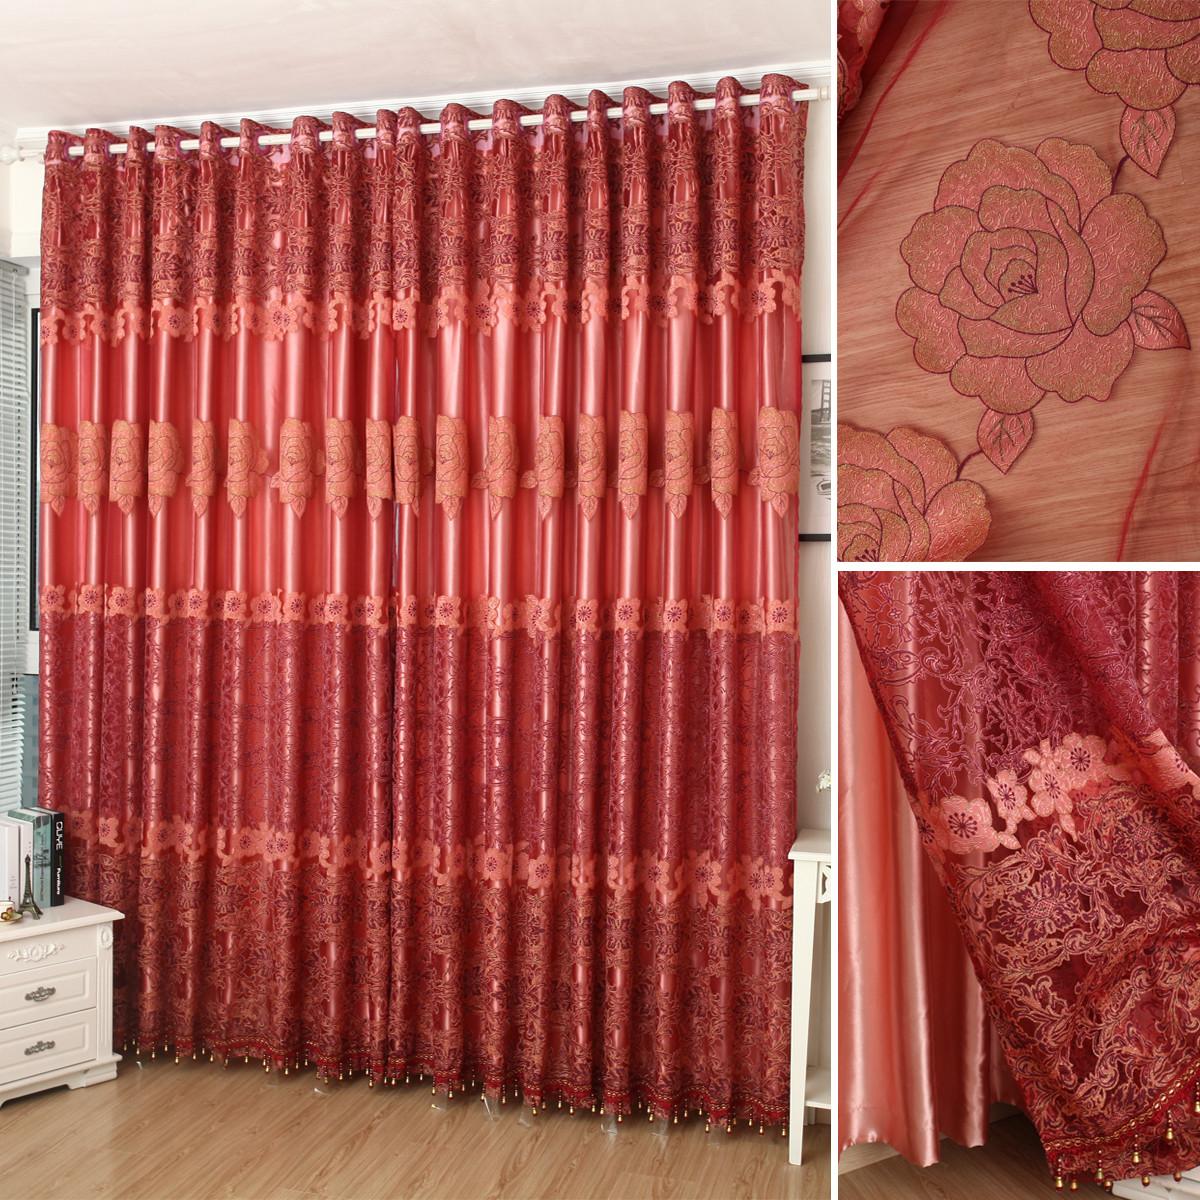 布帘 纱帘装饰 半遮光平帷涤纶混纺植物花卉叶子喜庆欧式 1848红纱